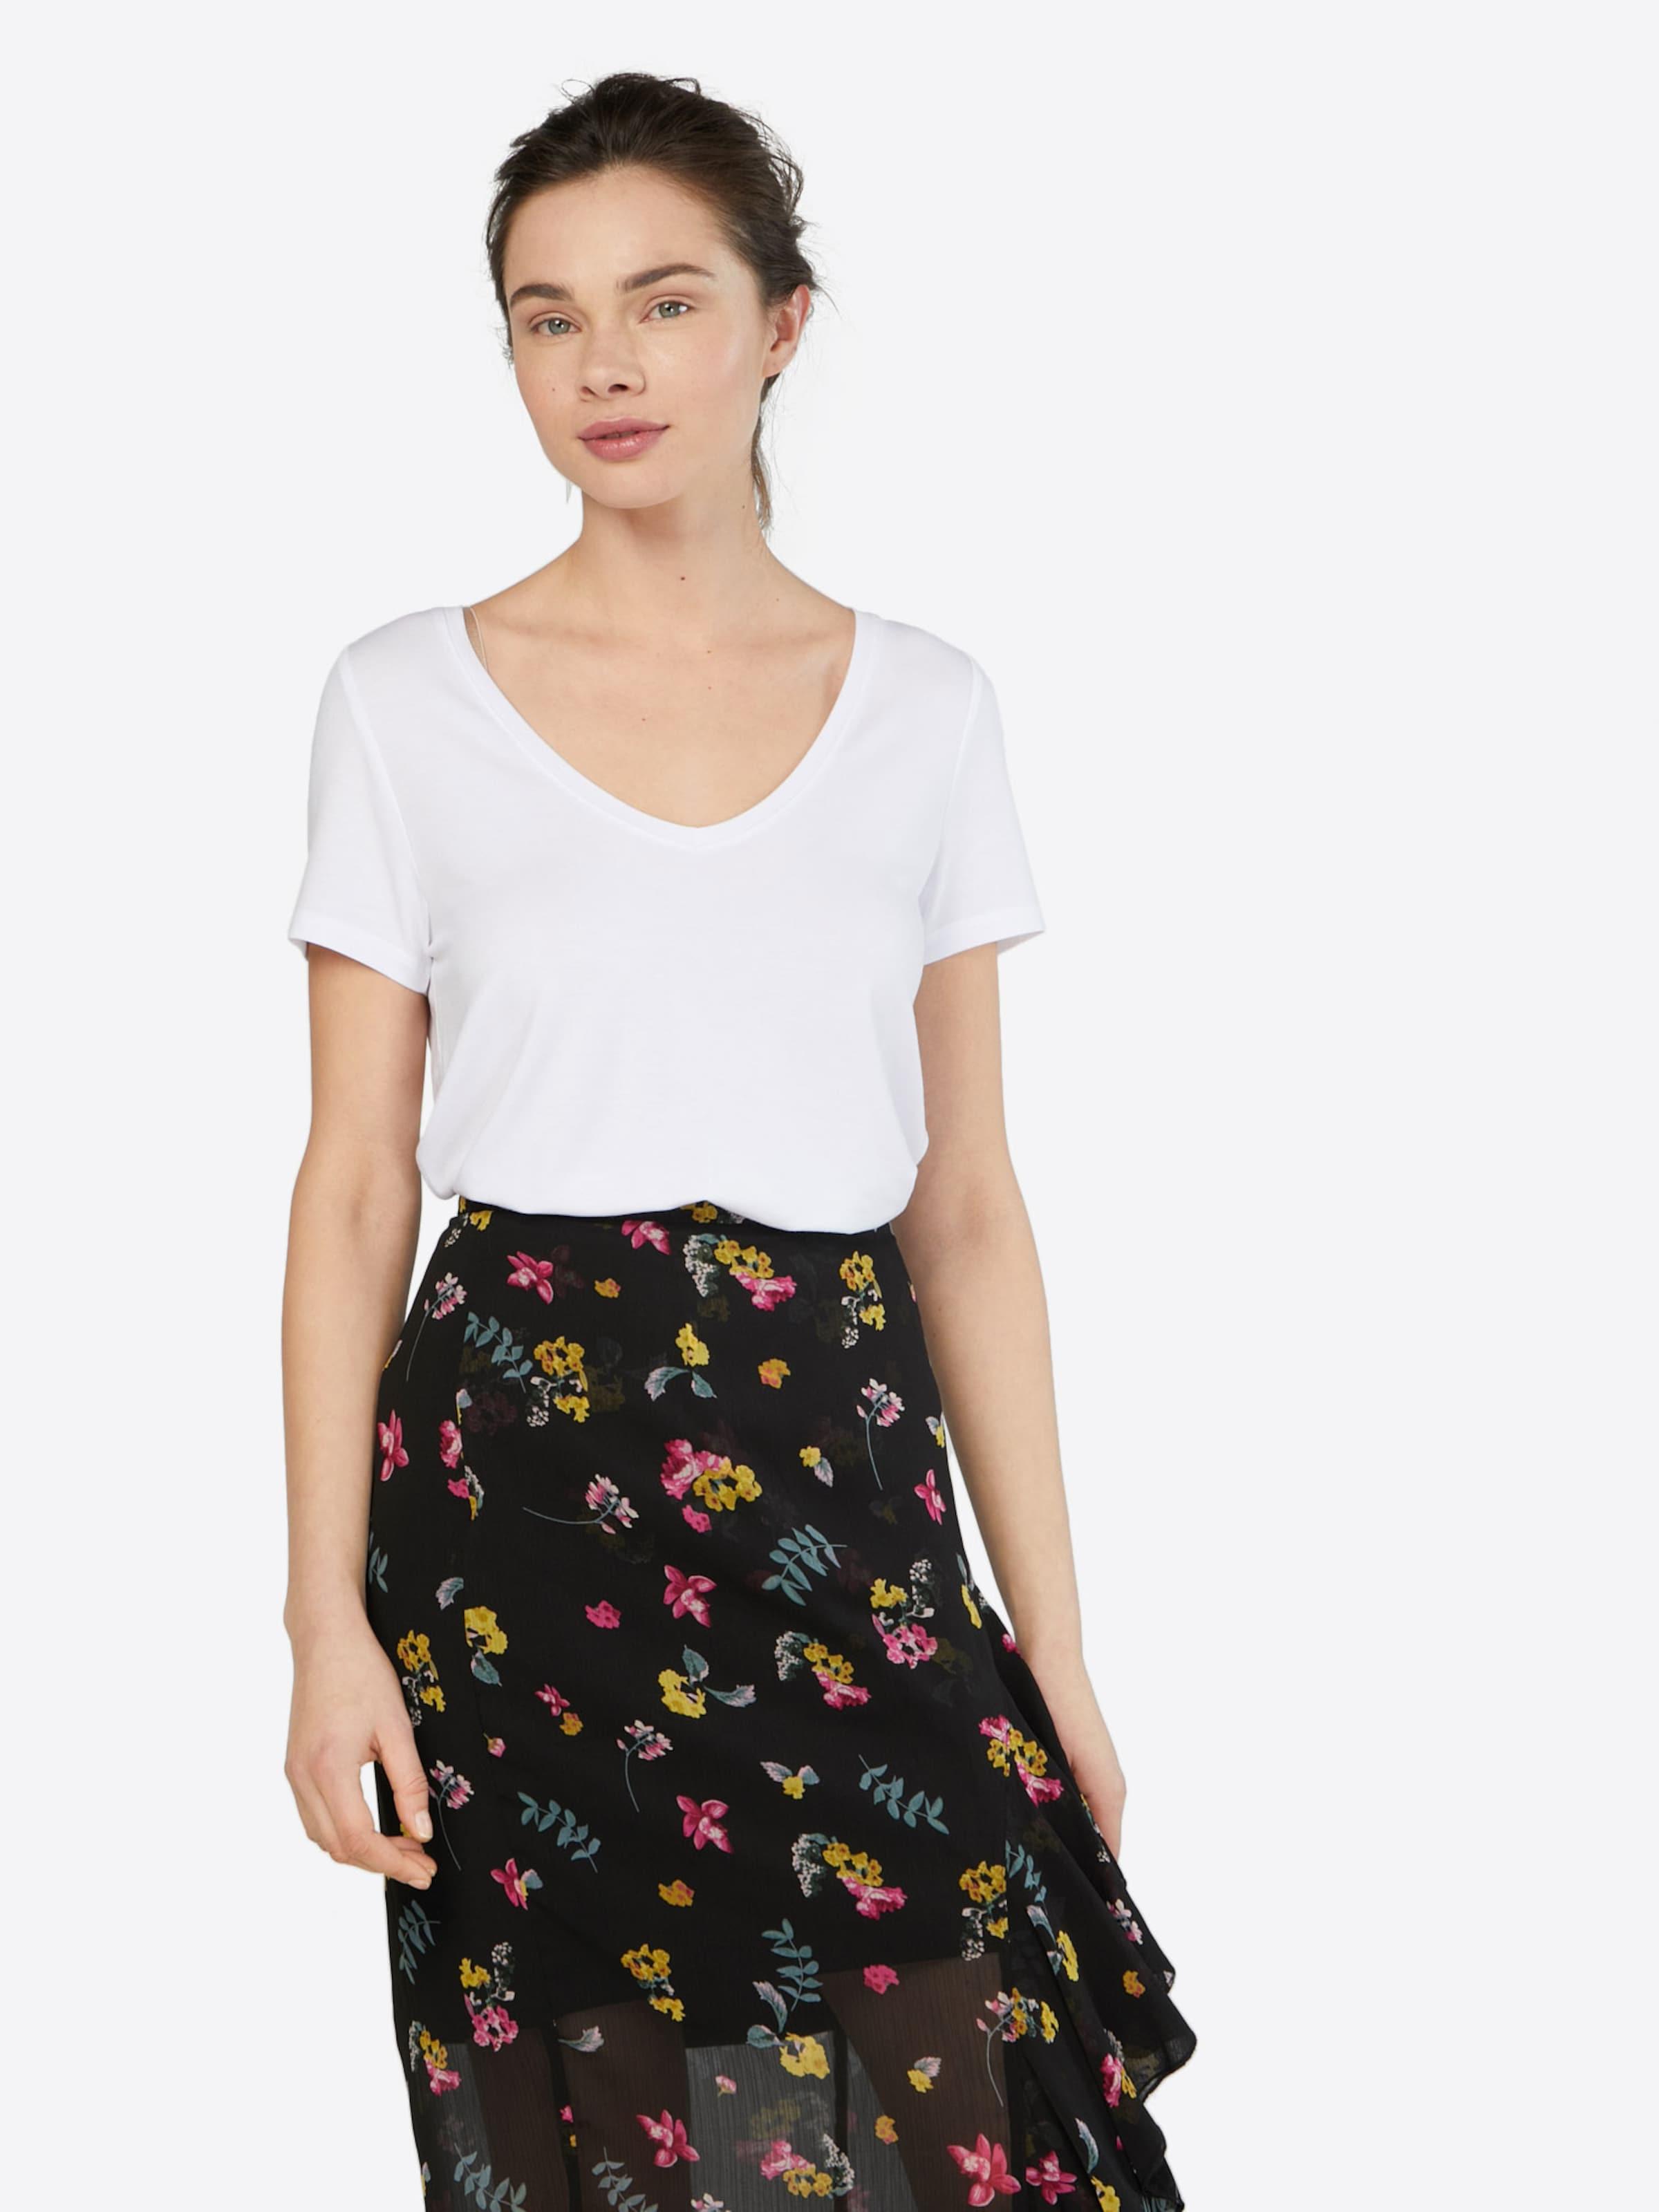 ONLY T-Shirt 'MOJO' Billig Größte Lieferant Billigste Online qIFyNsbBV